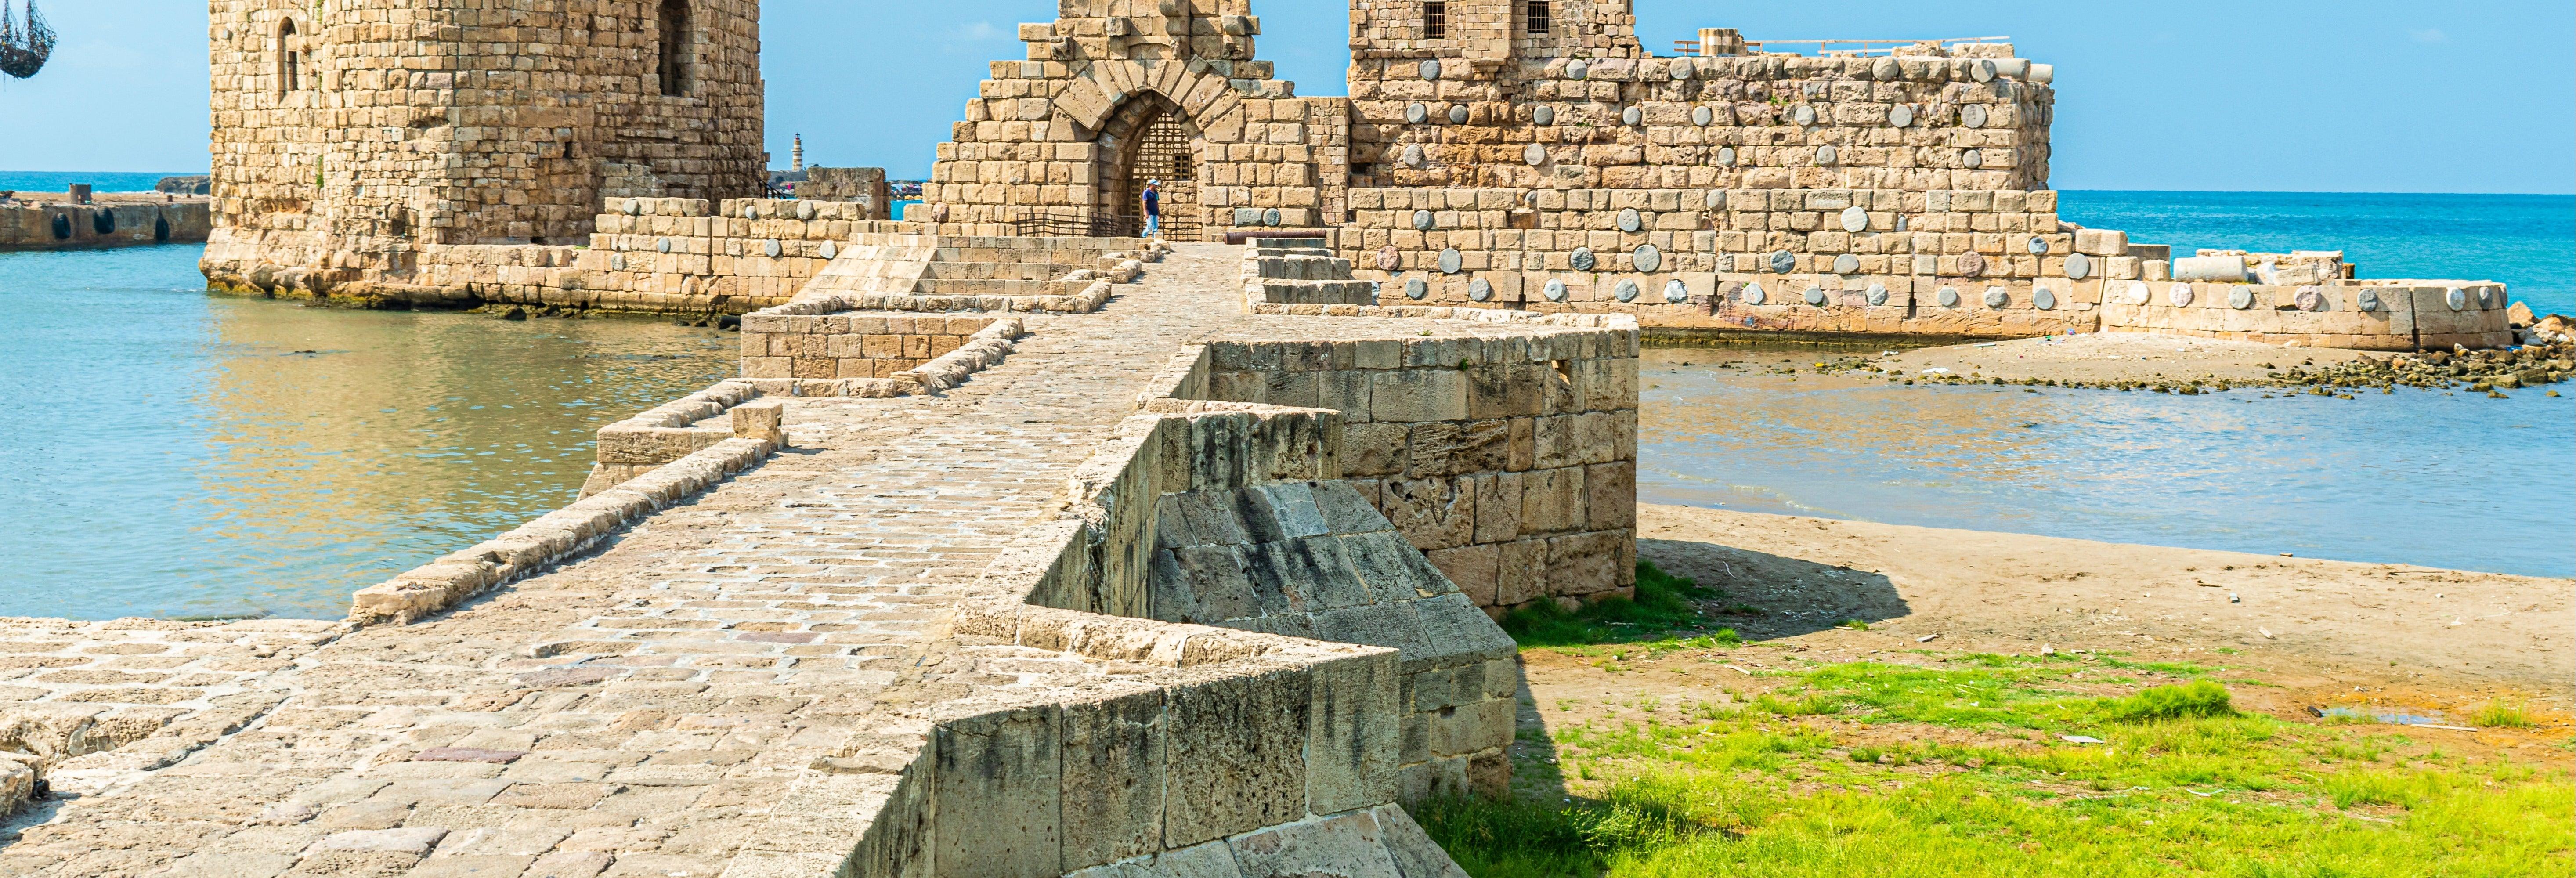 Excursión privada desde Beirut